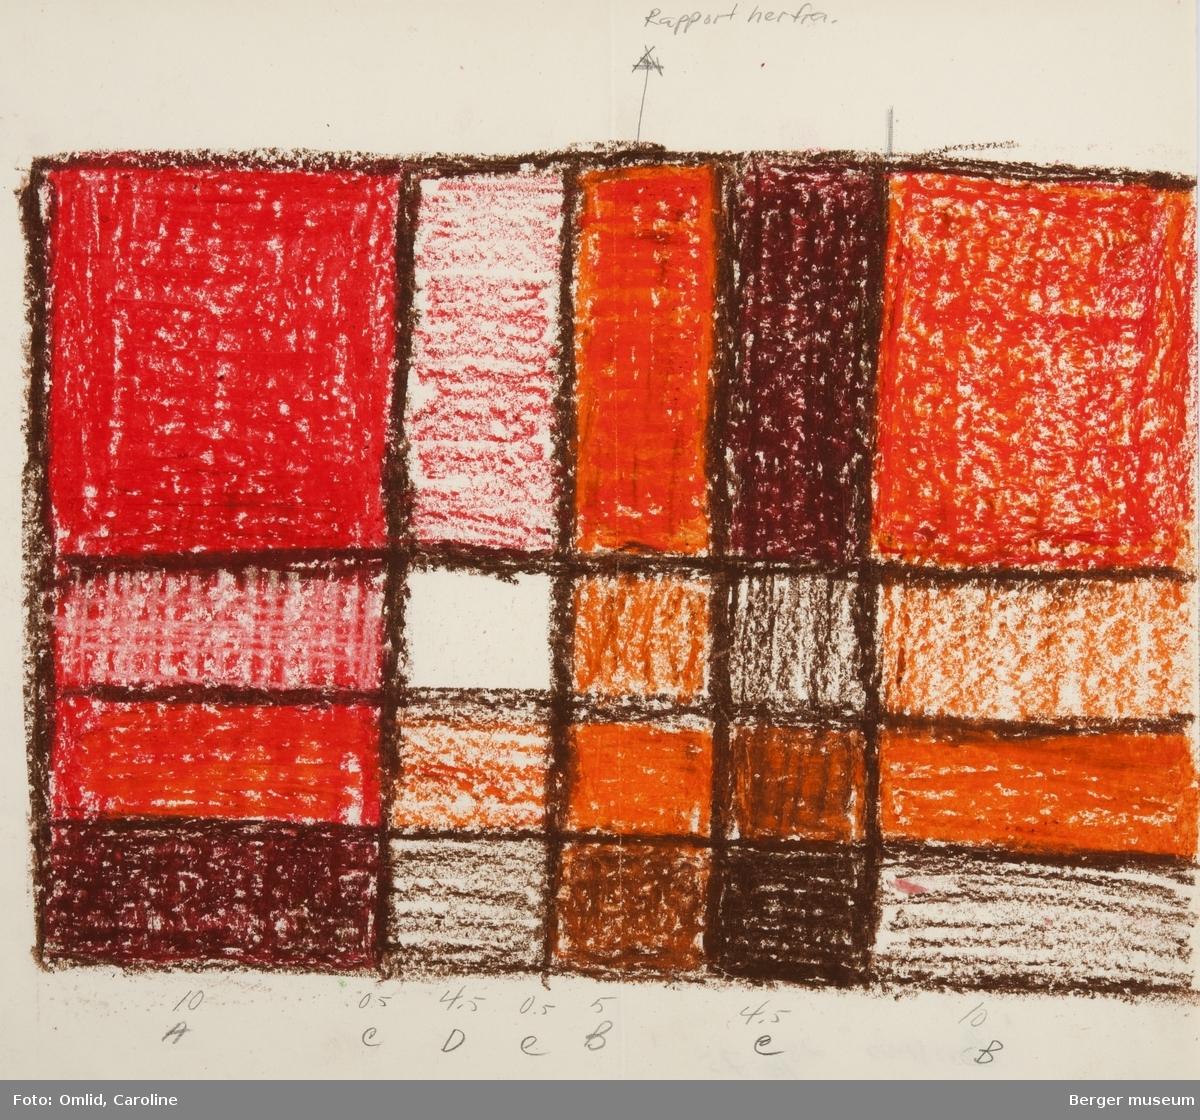 Ruter inspirert av gruppen de Stijls geometriske ruteformspråk. Rutene er fylt av farger som endrer nyanse etter blanding av renning og innslag, og avgrenses av en mørkere brun linje